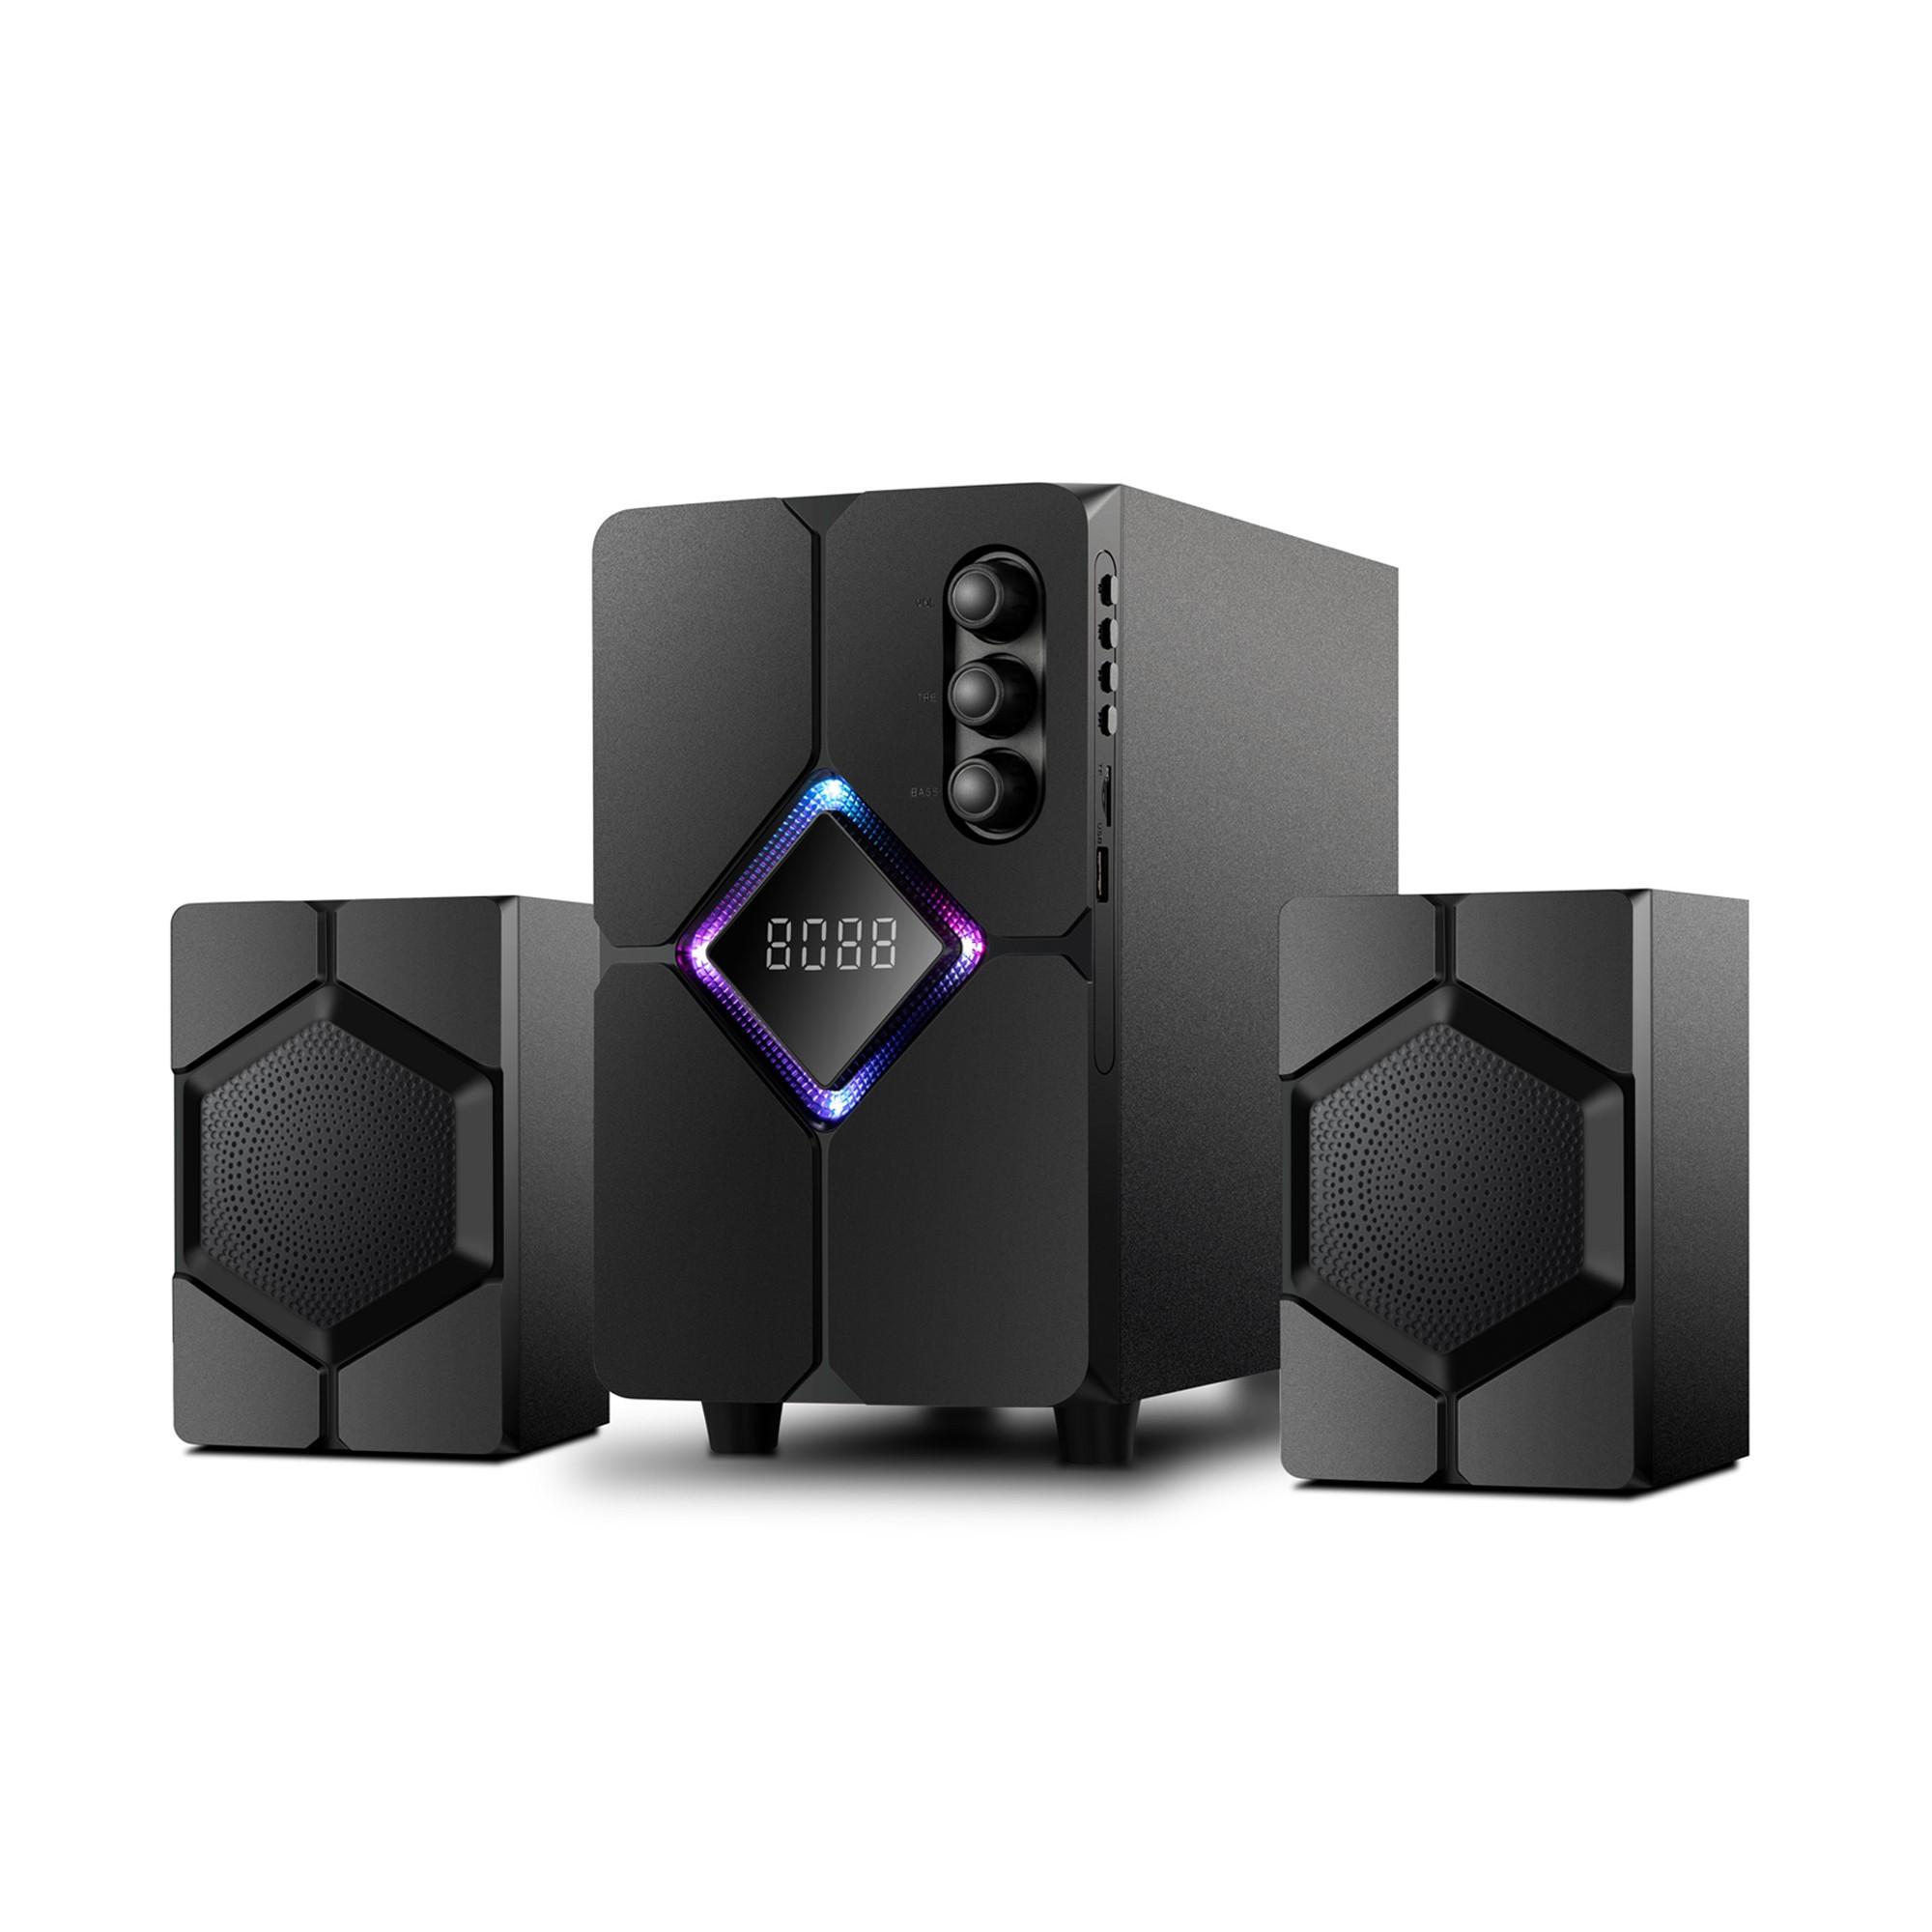 Loa 2.1 Bosston T1800-Bluetooth-Led RGB - AC 220V - Hàng Chính Hãng